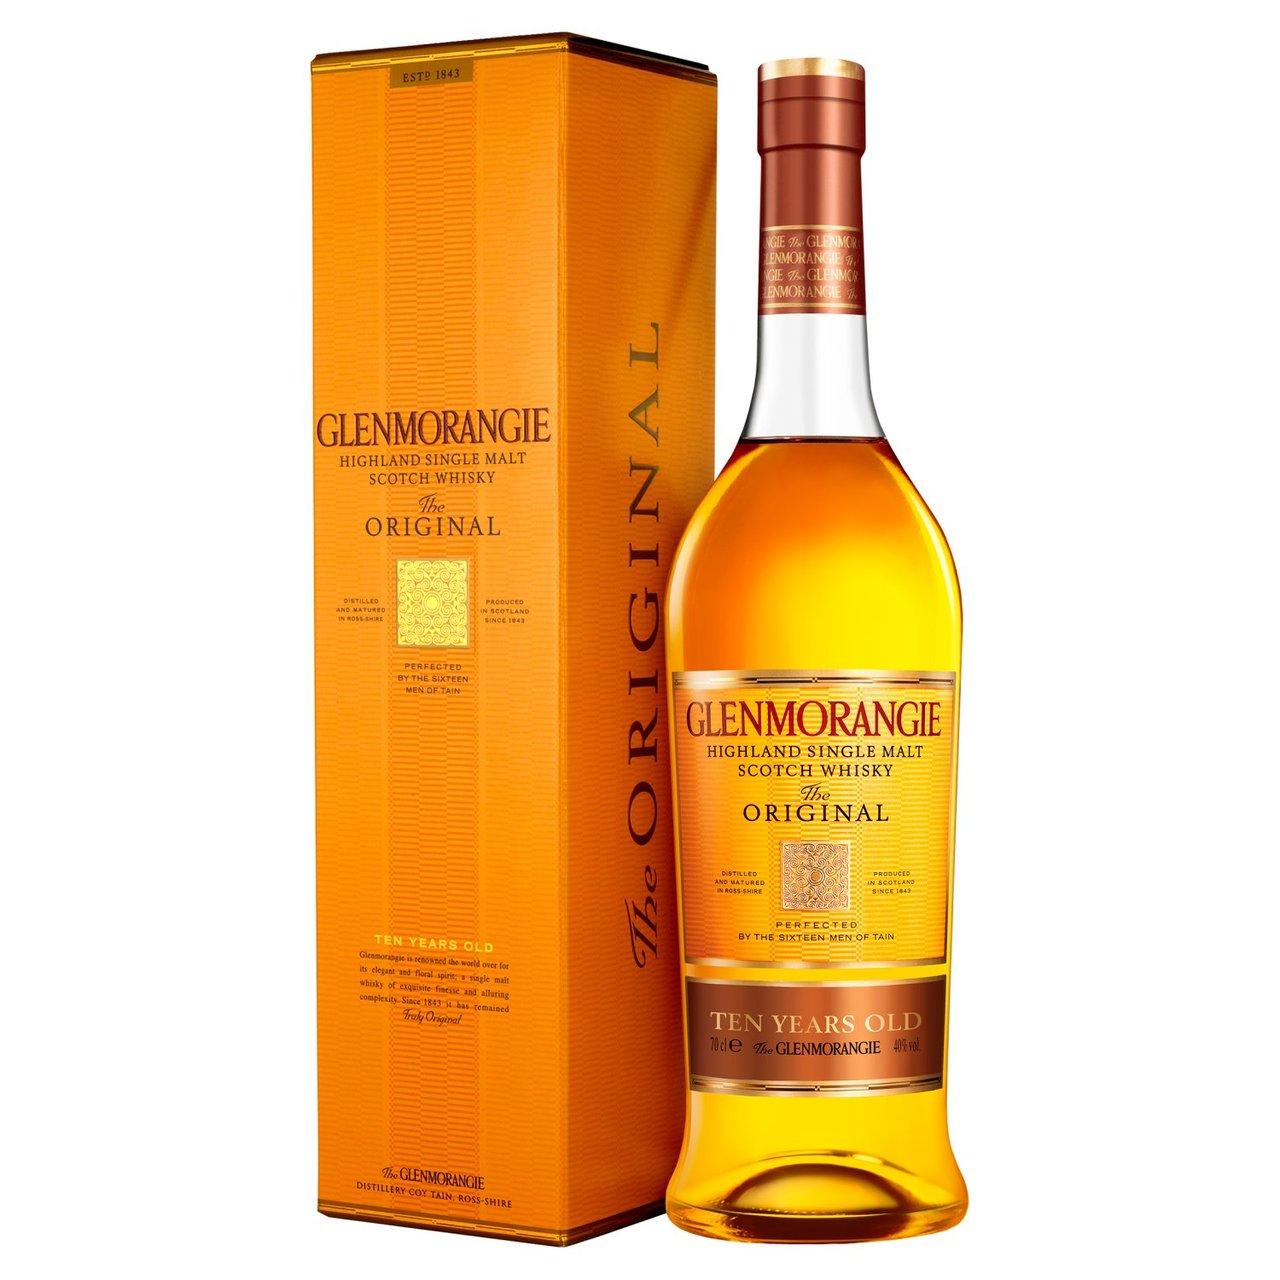 Glenmorangie 10 year old malt whisky £20 instore @ Morrisons Glasgow Fort